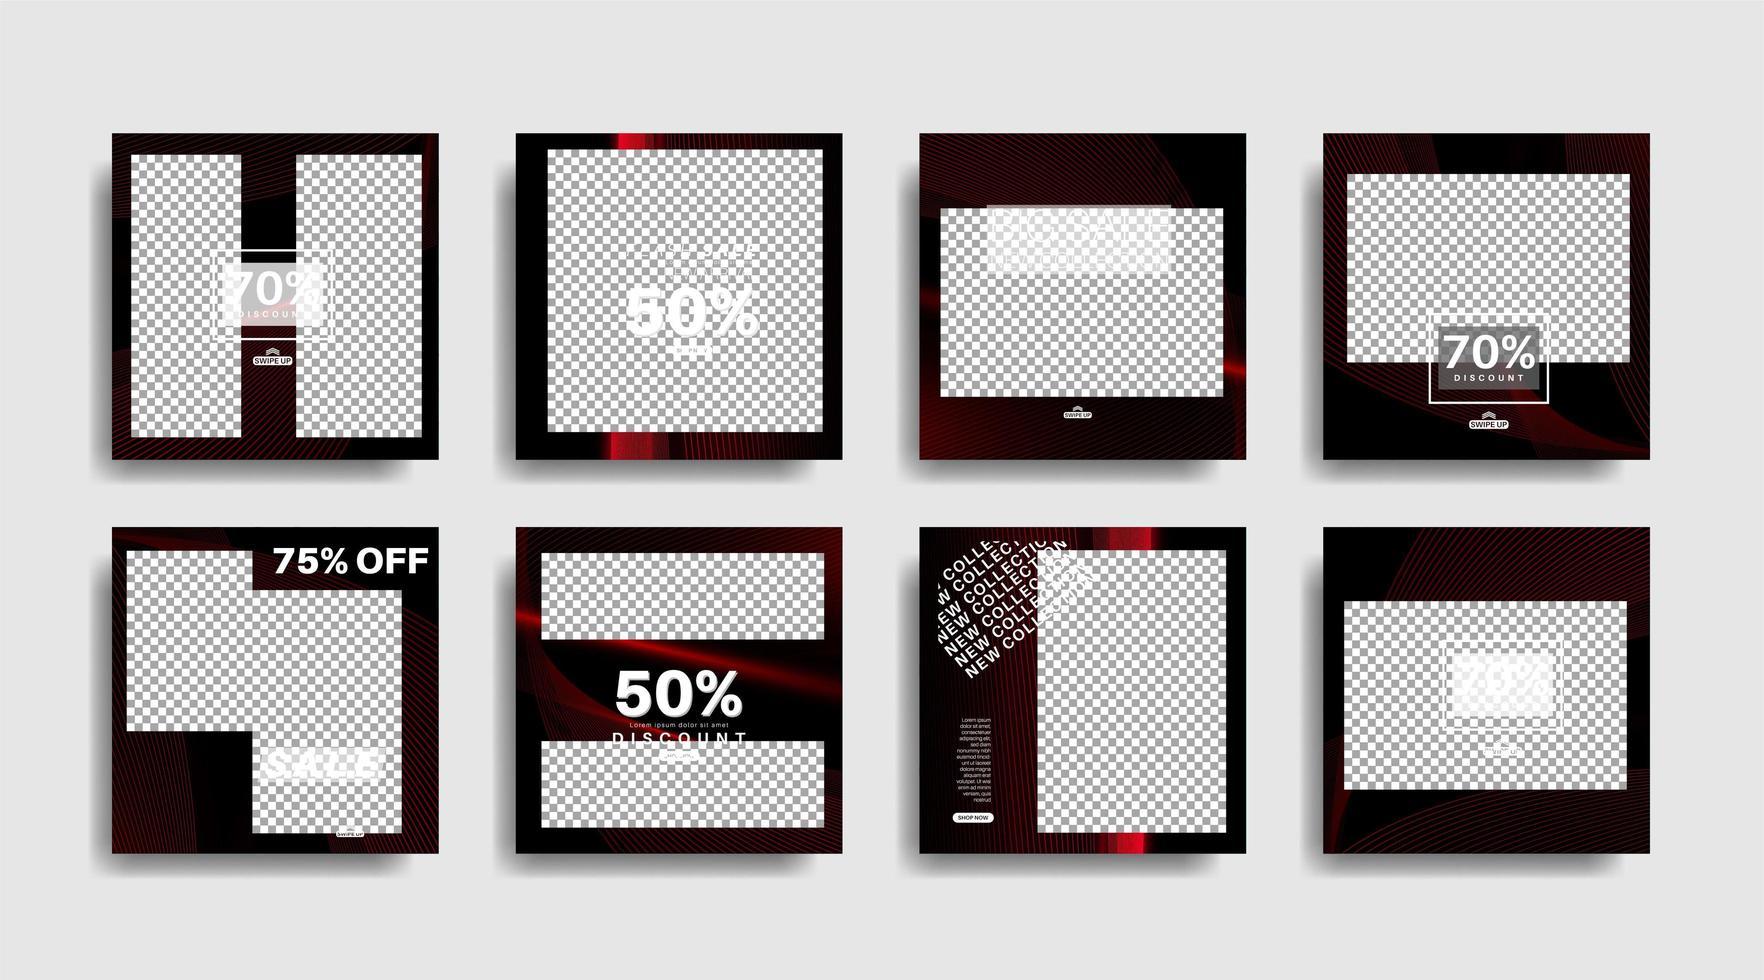 modernes Werbequadrat-Webbanner für soziale Medien vektor